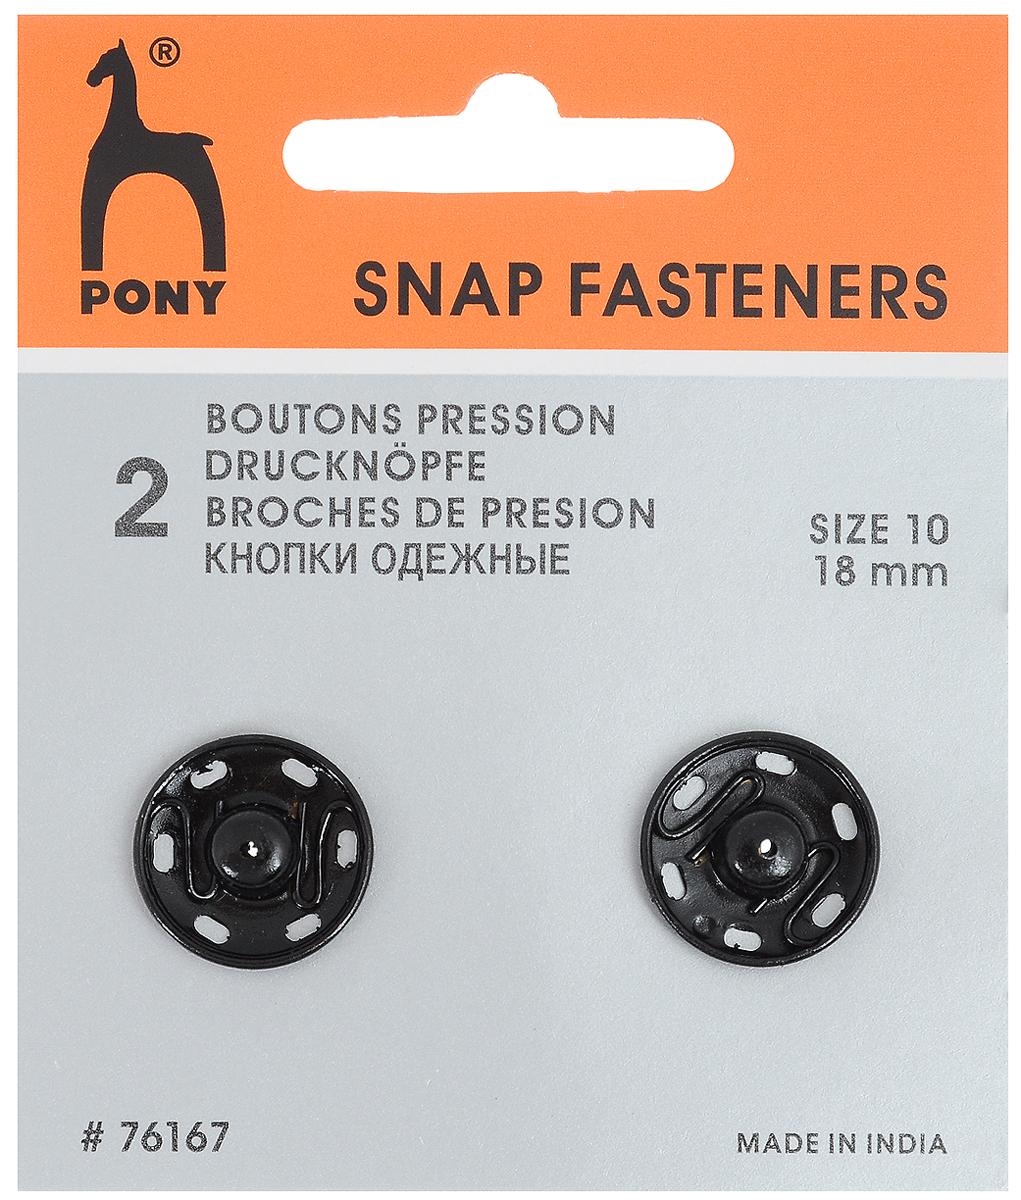 Кнопки для верхней одежды Pony, цвет: черный, диаметр 18 мм, 2 шт